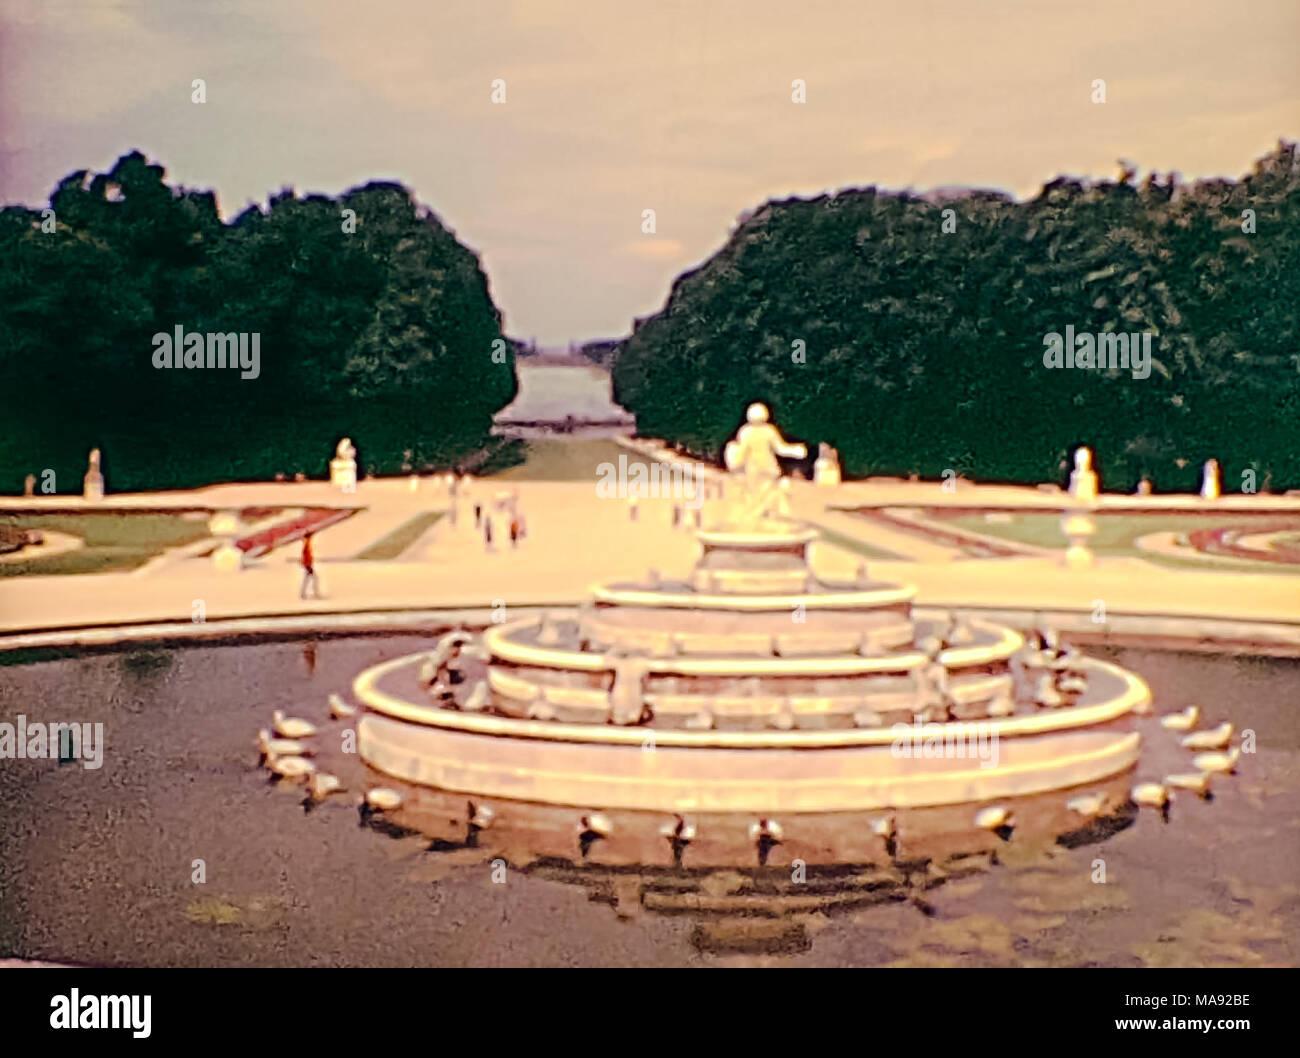 Brunnen in den Gärten des Pariser Palast von Versailles mit Touristen im Jahr 1976. Historisches Archivmaterial in Paris Stadt Frankreichs in den 1970er Jahren. Stockbild